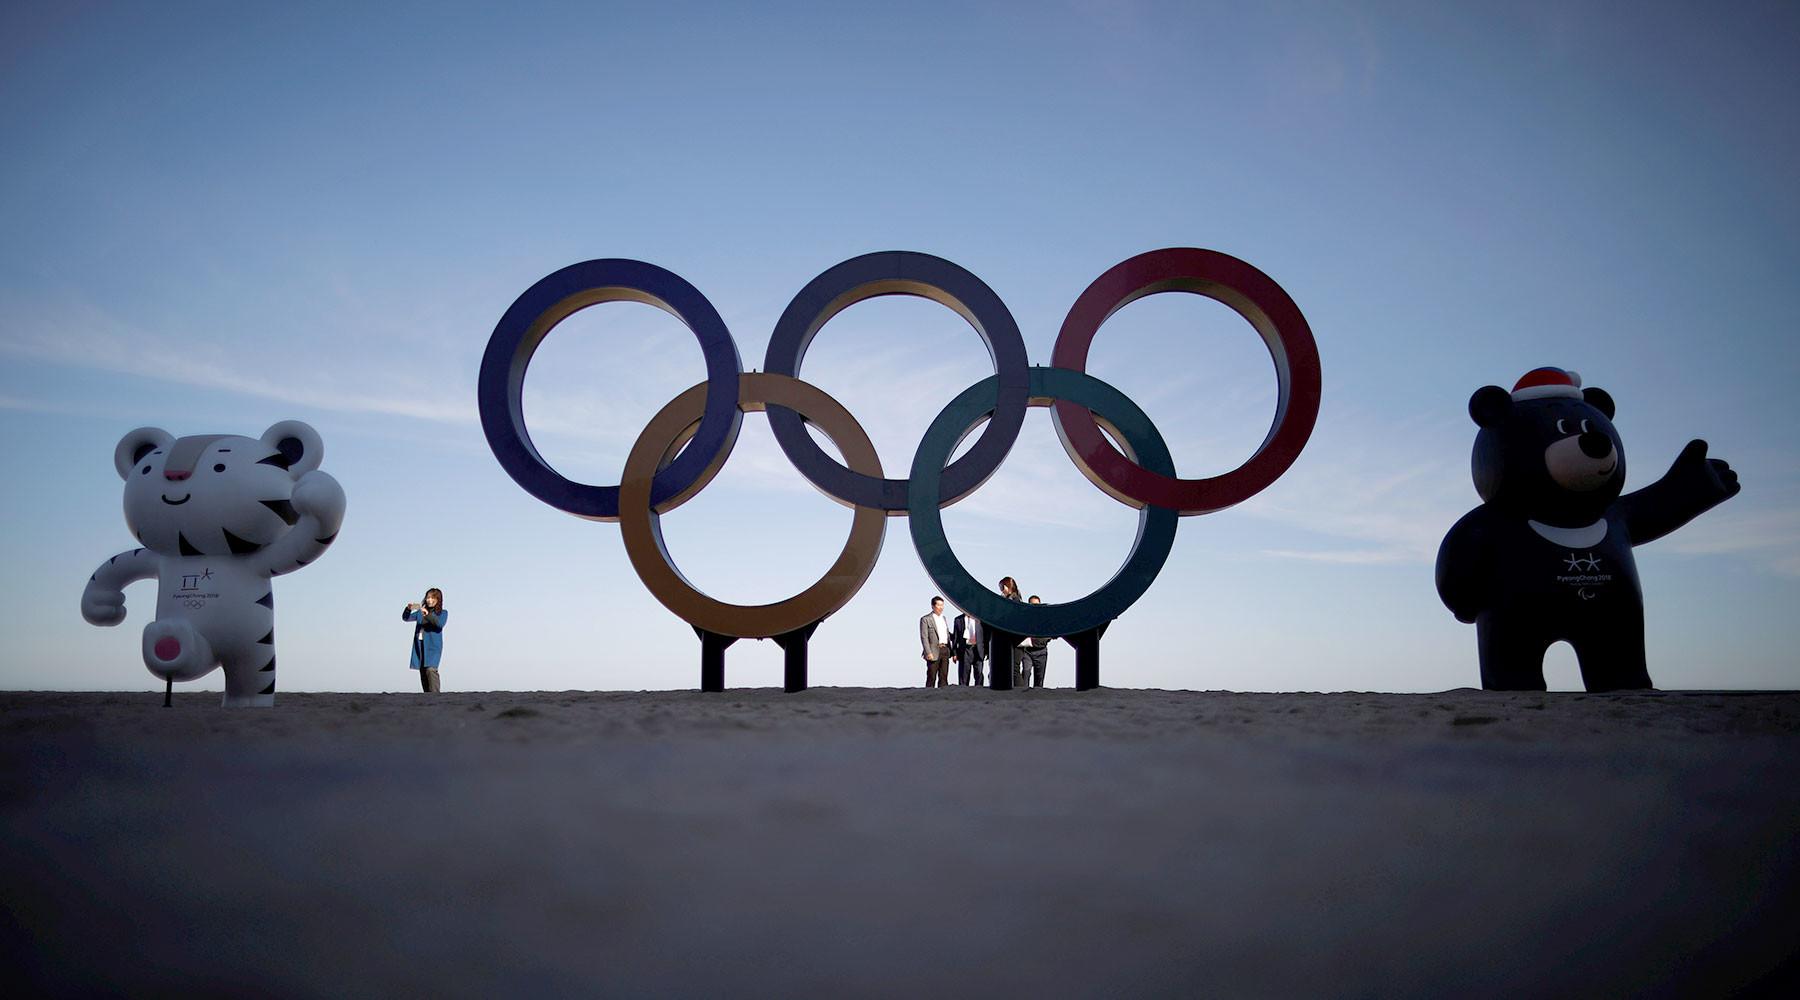 Русских  спортсменов наОлимпиаду-2018 могут непустить